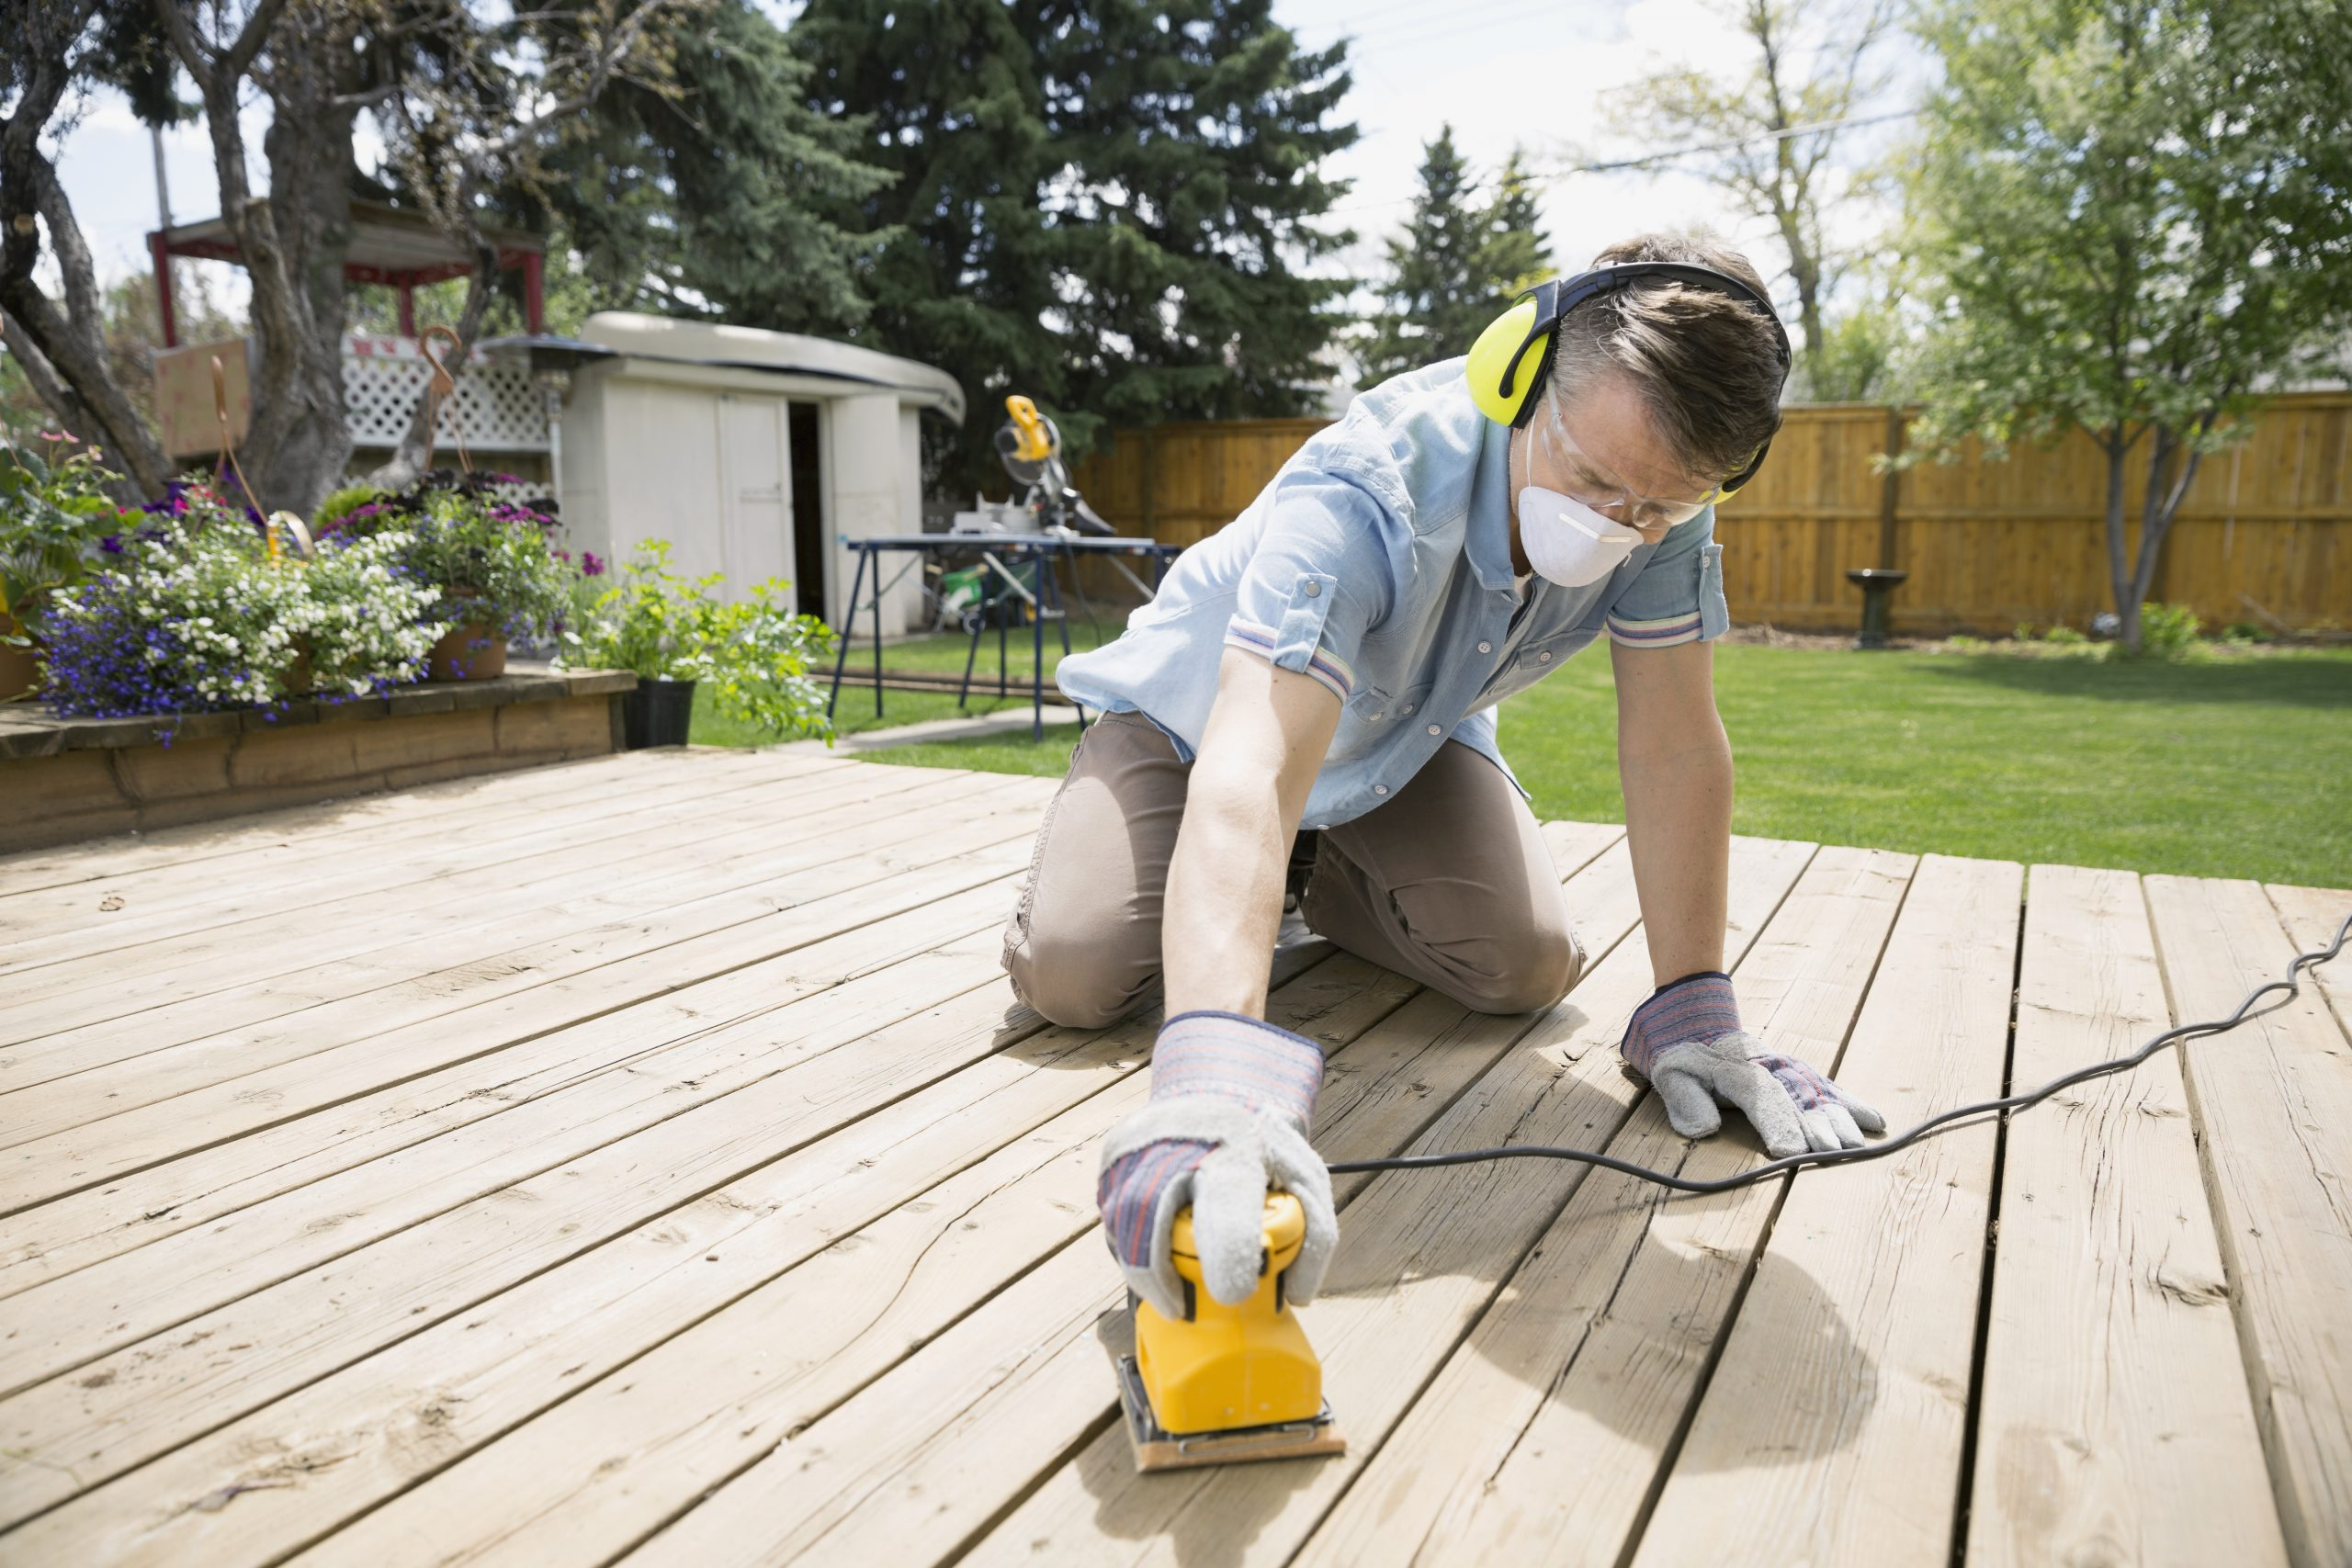 Construction D'un Abri De Jardin - Maison&travaux intérieur Comment Construire Un Abri De Jardin